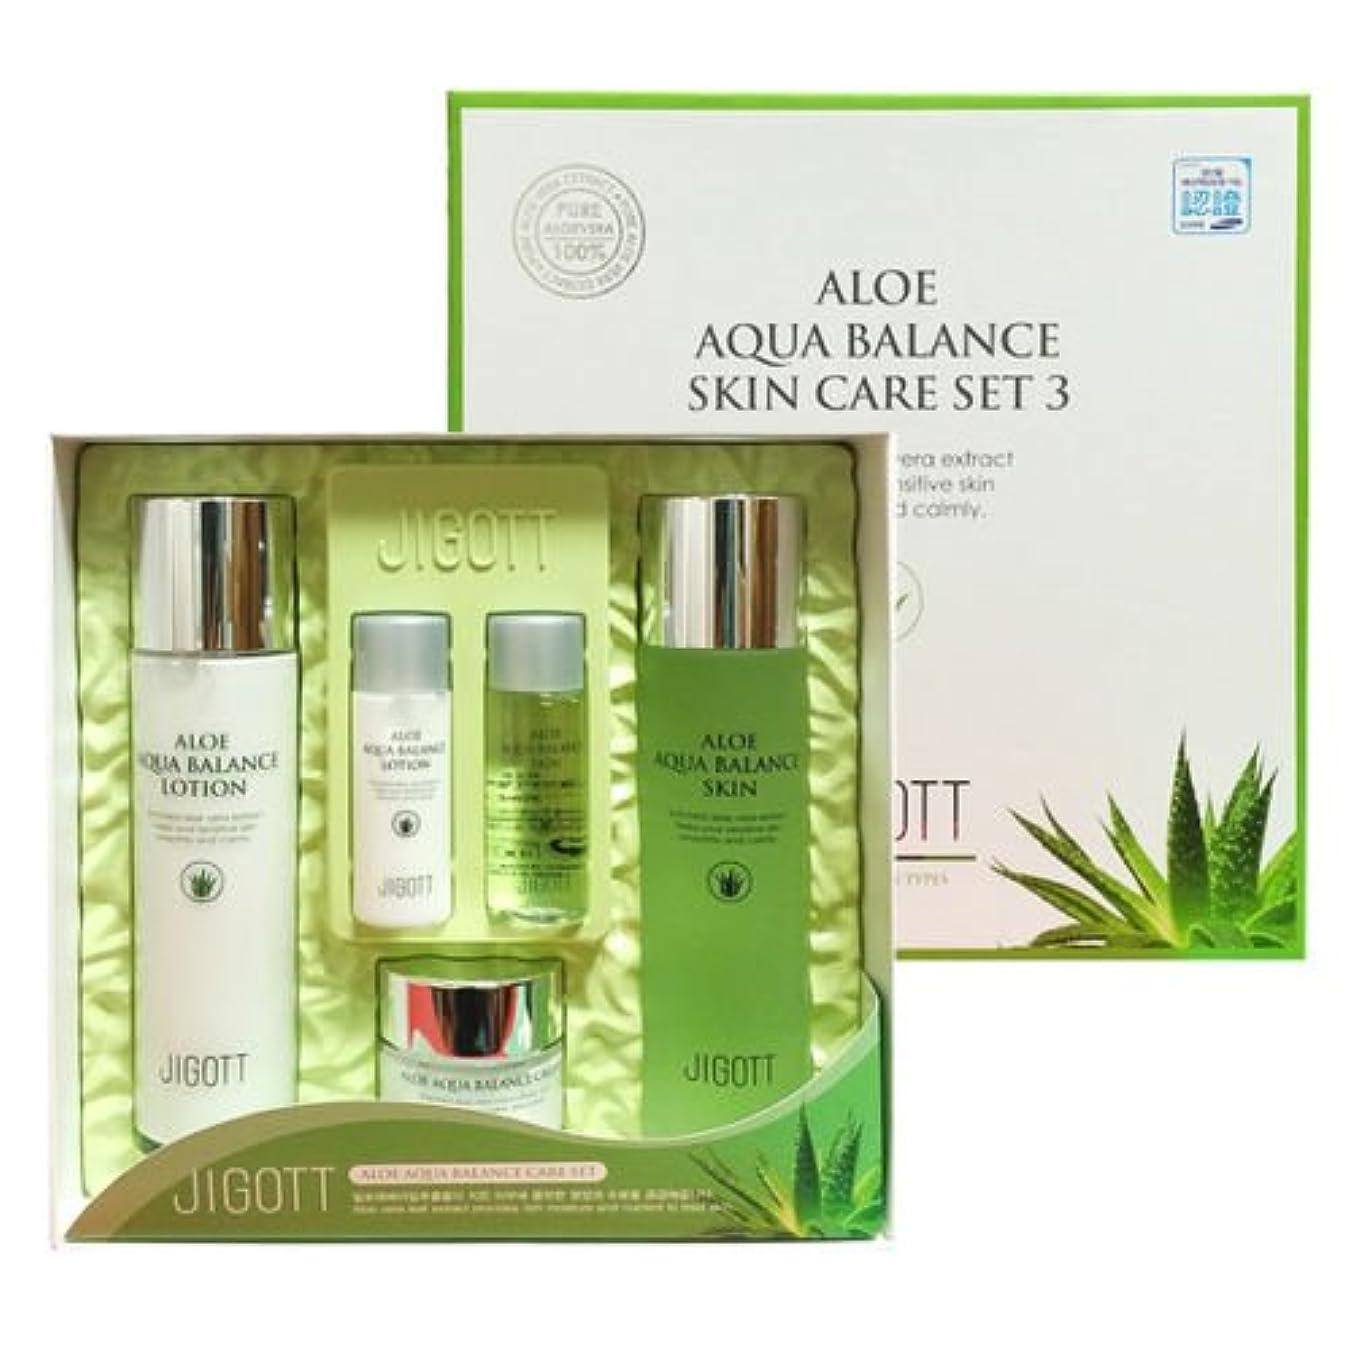 対人不規則性紫のジゴトゥ[韓国コスメJigott]Aloe Aqua Balance Skin Care 3 Set アロエアクアバランススキンケア3セット樹液,乳液,クリーム [並行輸入品]